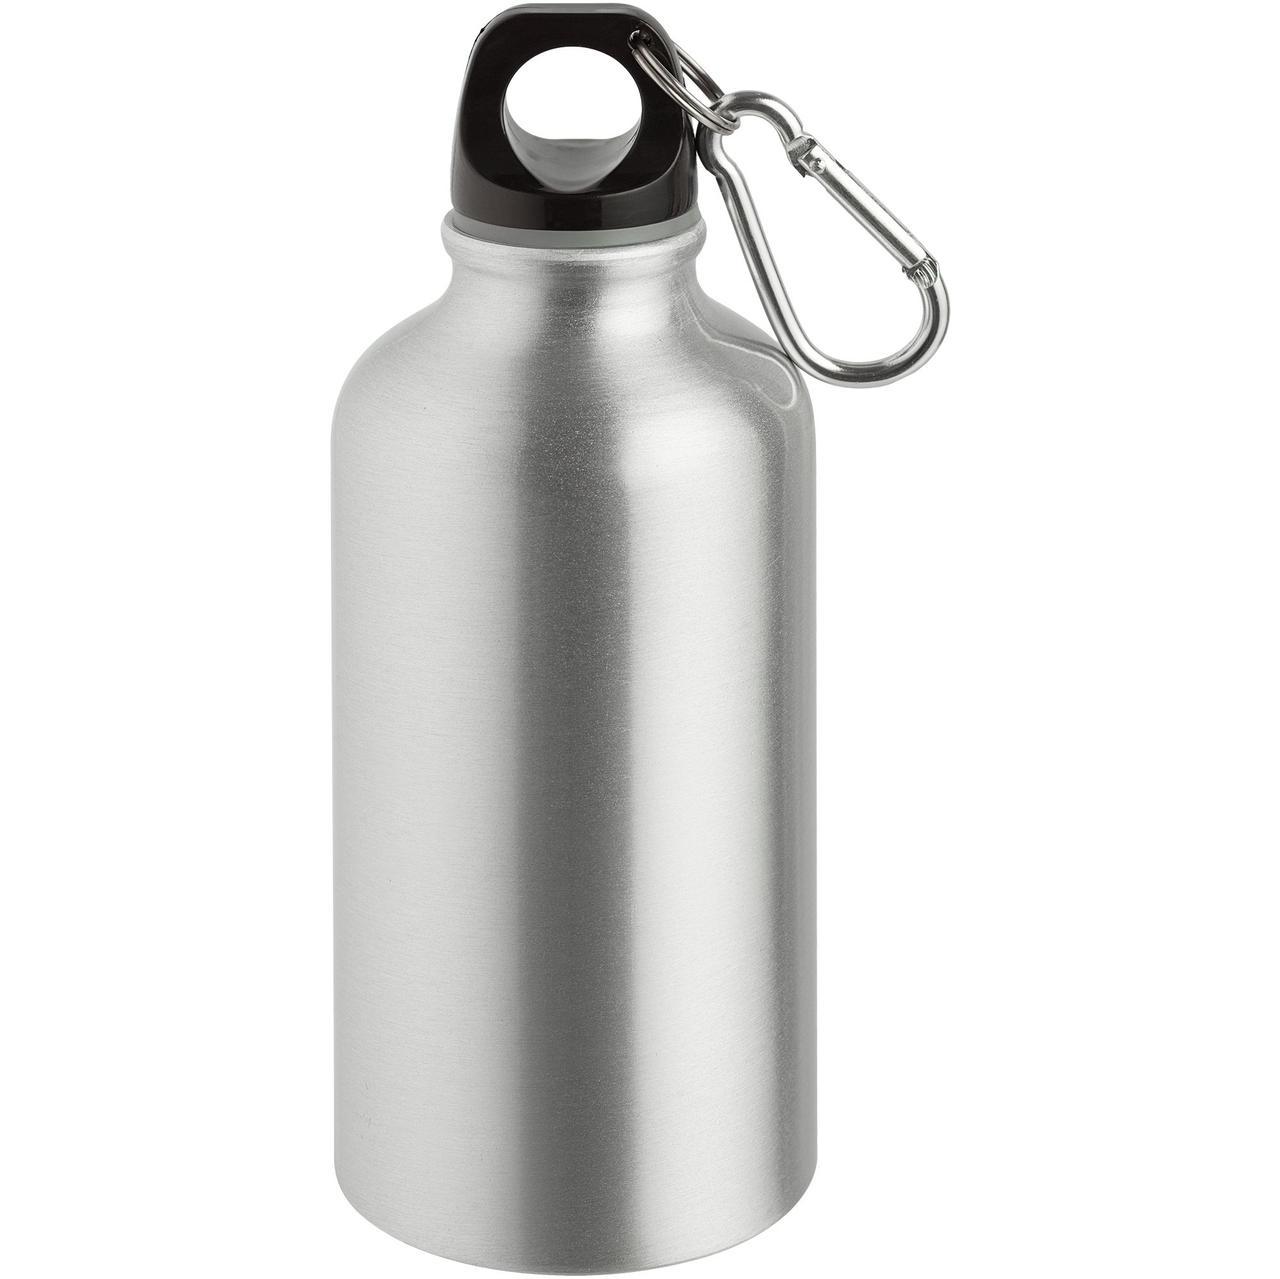 Бутылка для спорта Re-Source, серебристая (артикул 7504.10)